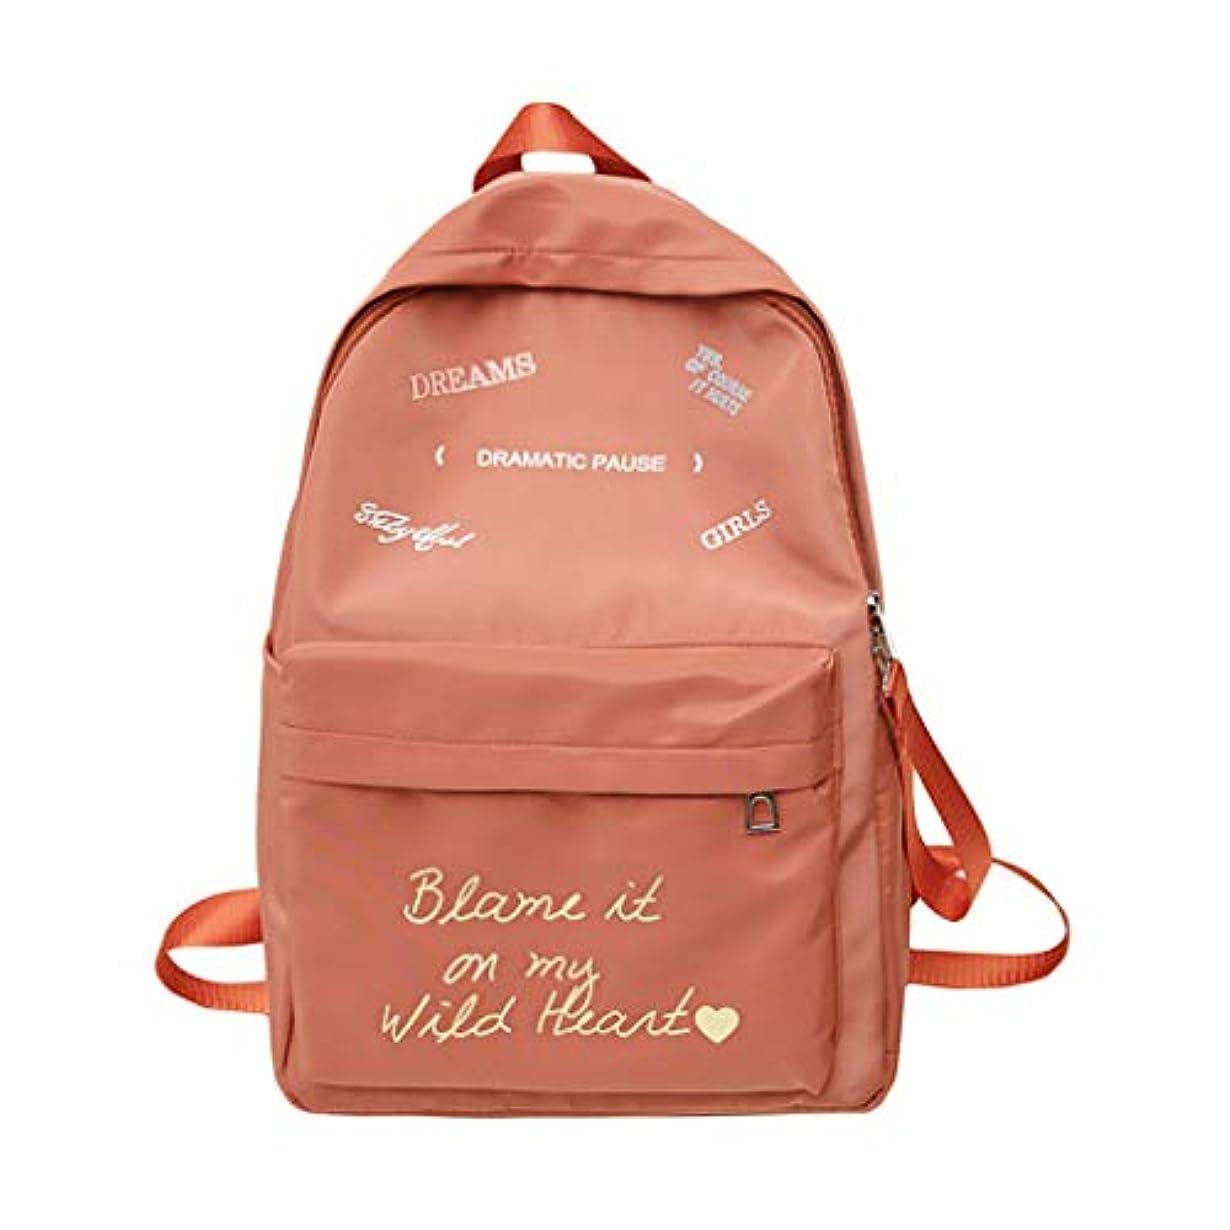 広々としたインフレーション嵐のショルダーバッグ バックパックファッションラブリー印刷する 両用 ユニセックス 軽量 アウトドア ファッション レジャー 大容量 学生鞄通学通勤レジャー鞄 リュック リュックサック